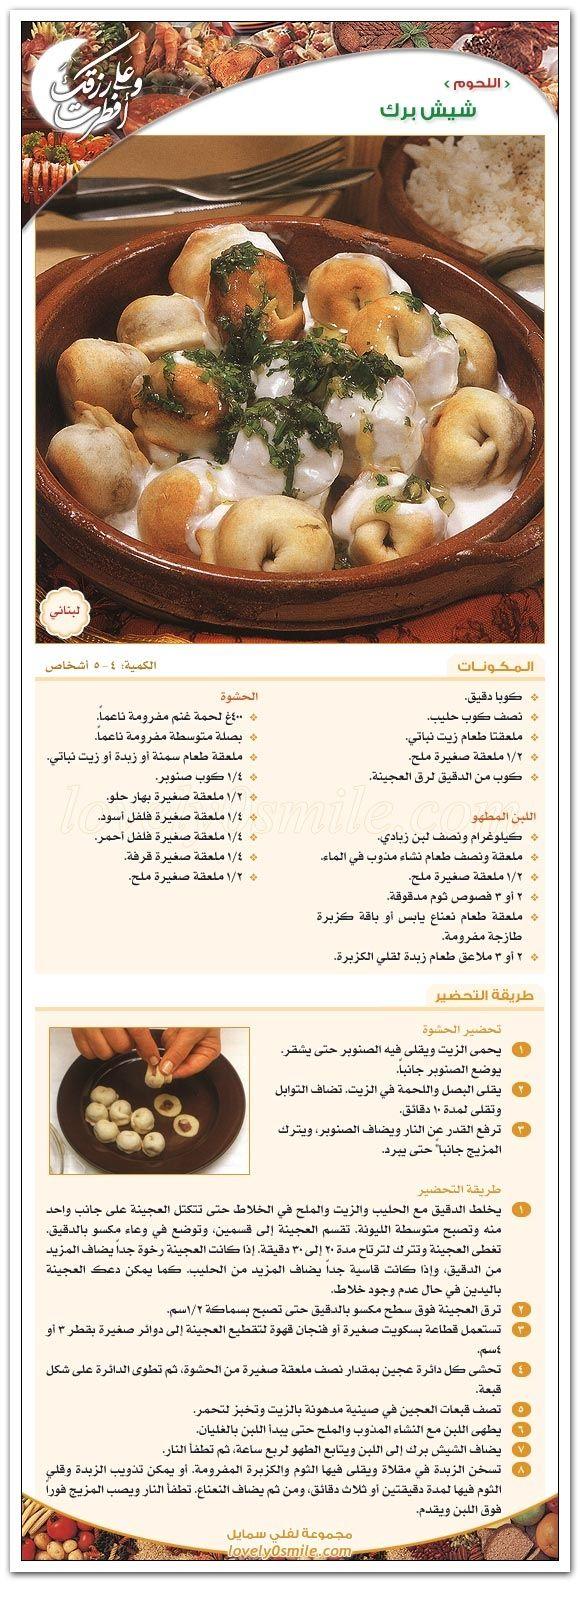 وصفـــــات جــــديدهـ ورائعـــــه بالصـــــور Egyptian Food Recipes Cooking